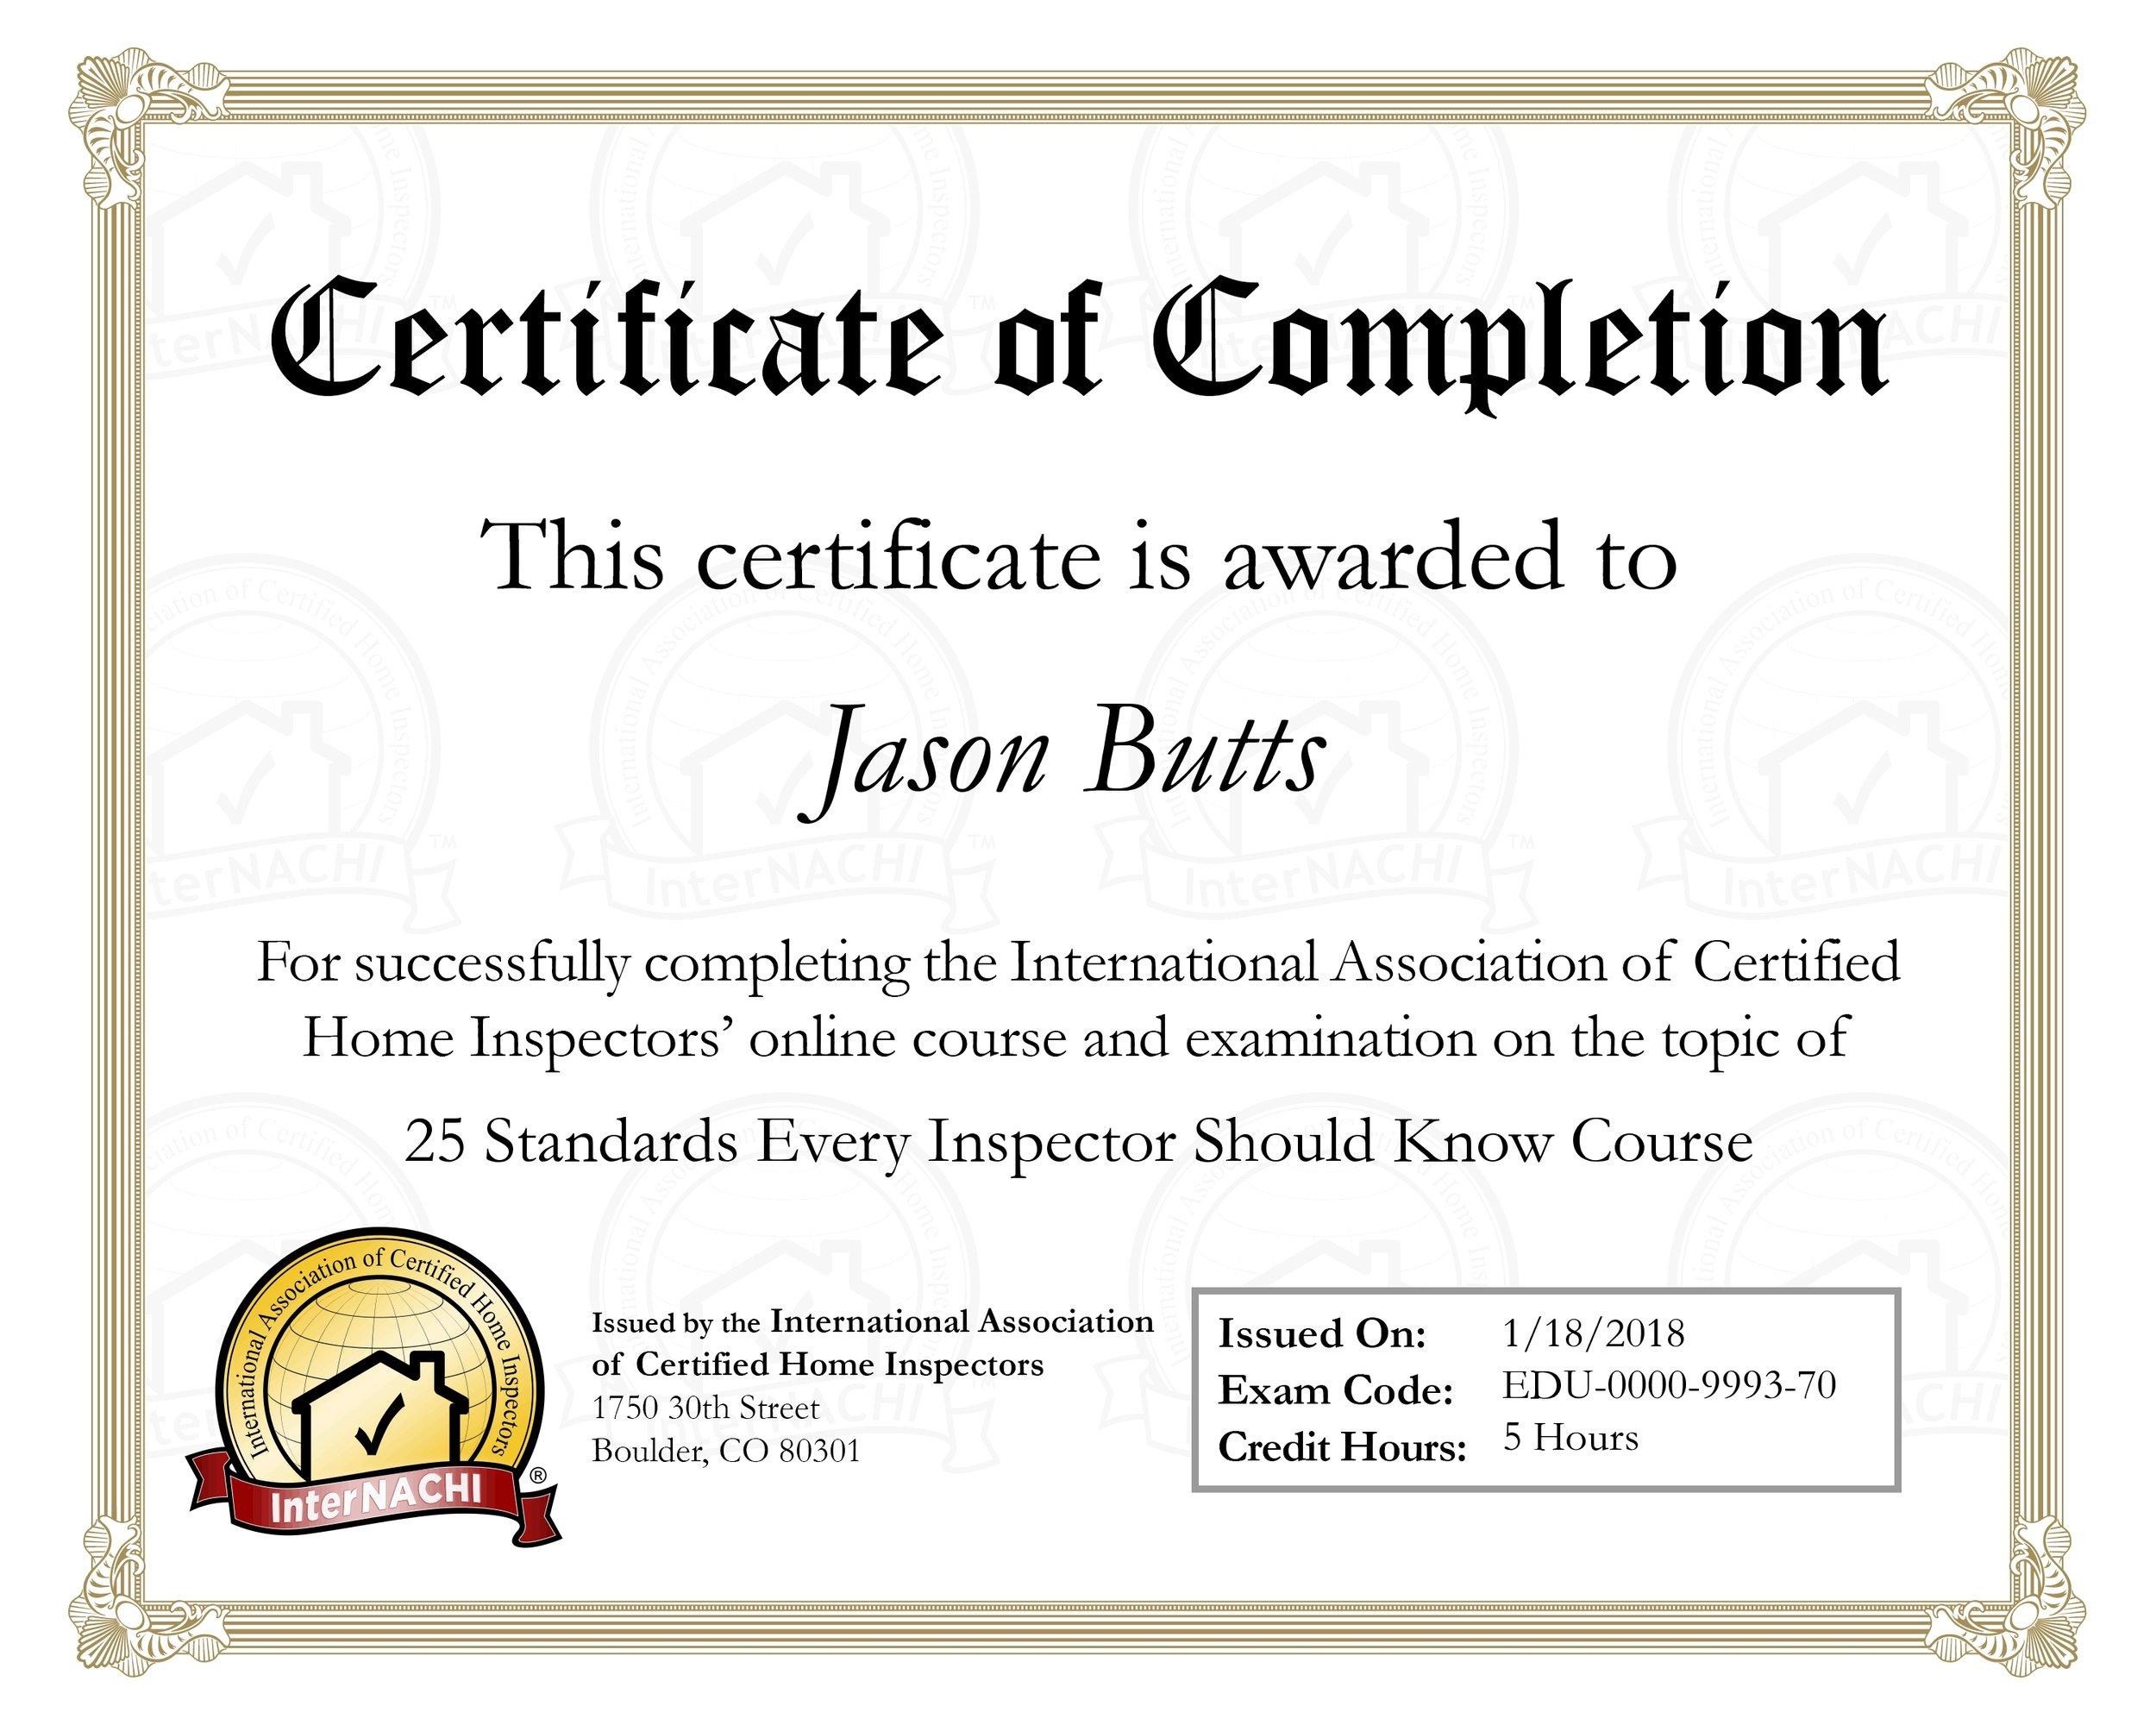 jbutts2_certificate_54.jpg